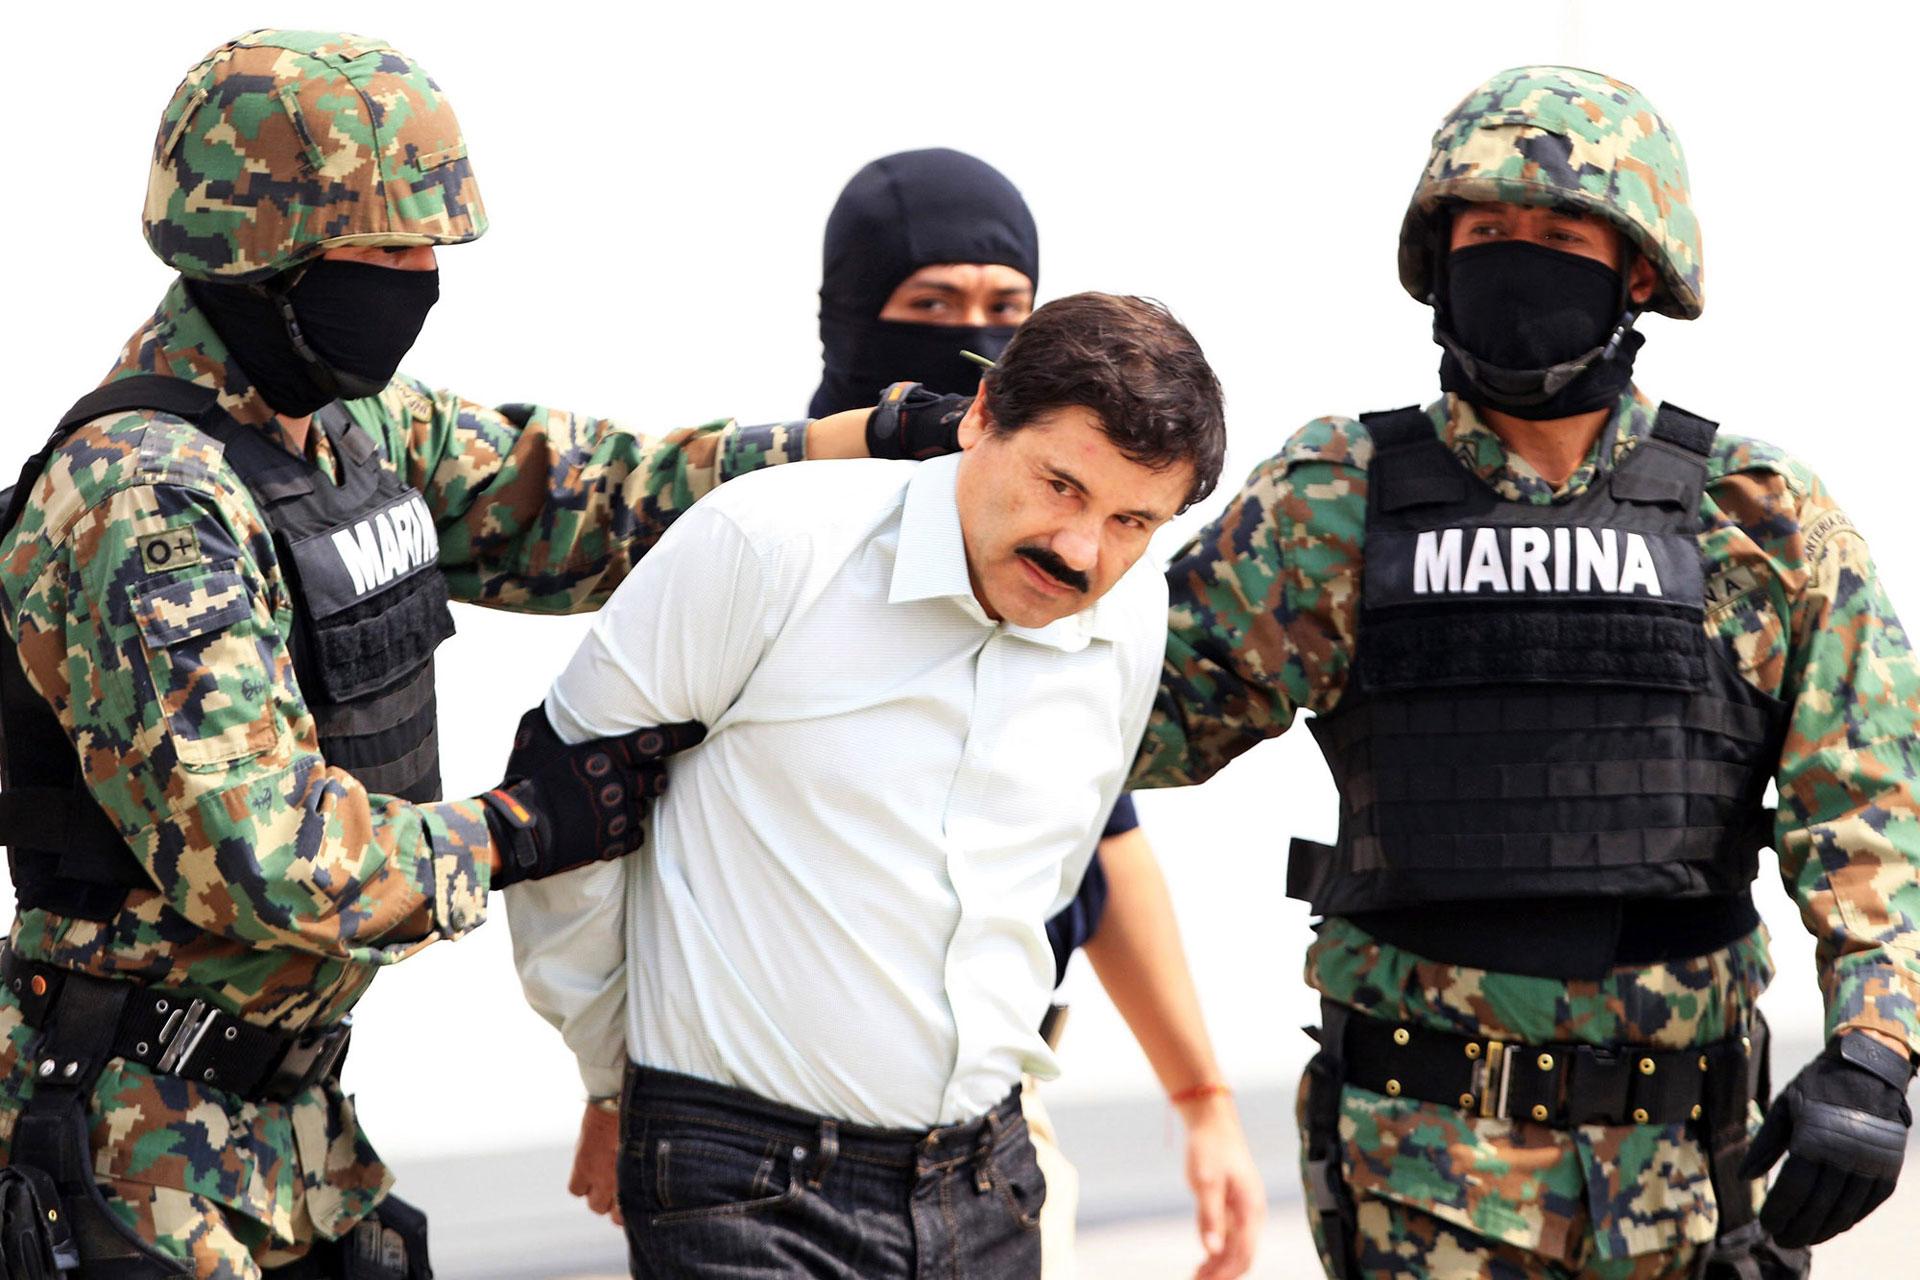 A parte de narcotraficante, él mismo admitió ser un asesino, que mató a más de 2 mil personas